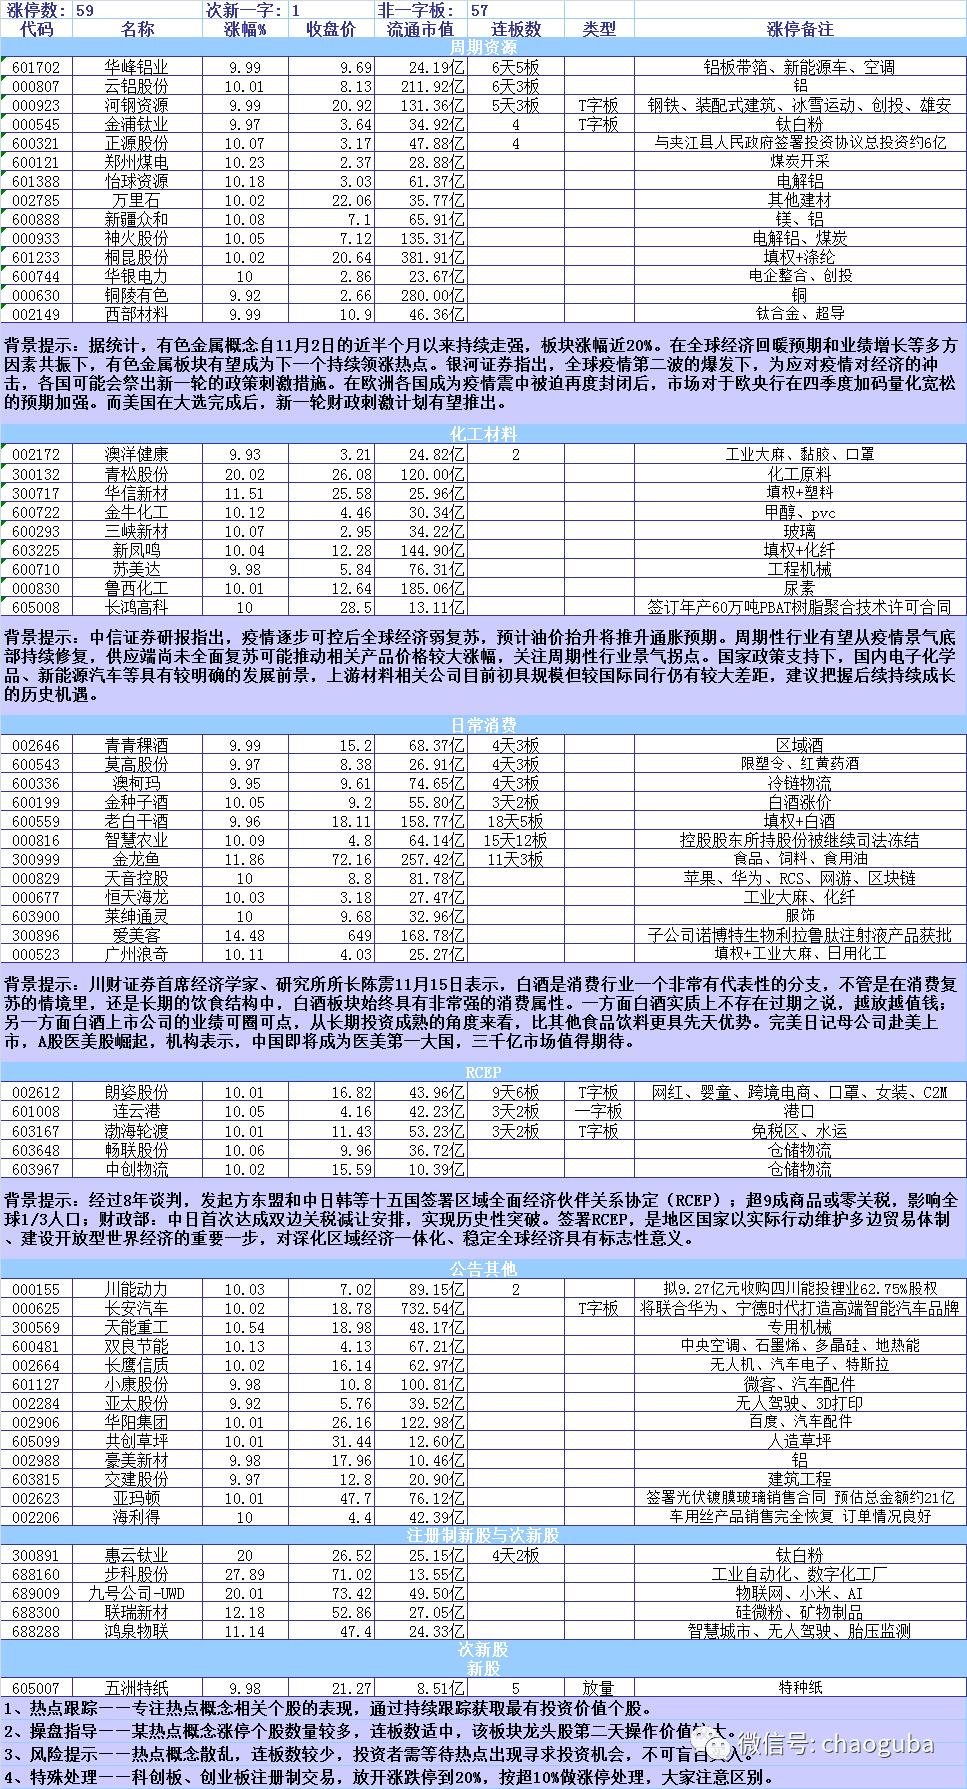 周期股强势崛起   沪指放量企稳插图(4)